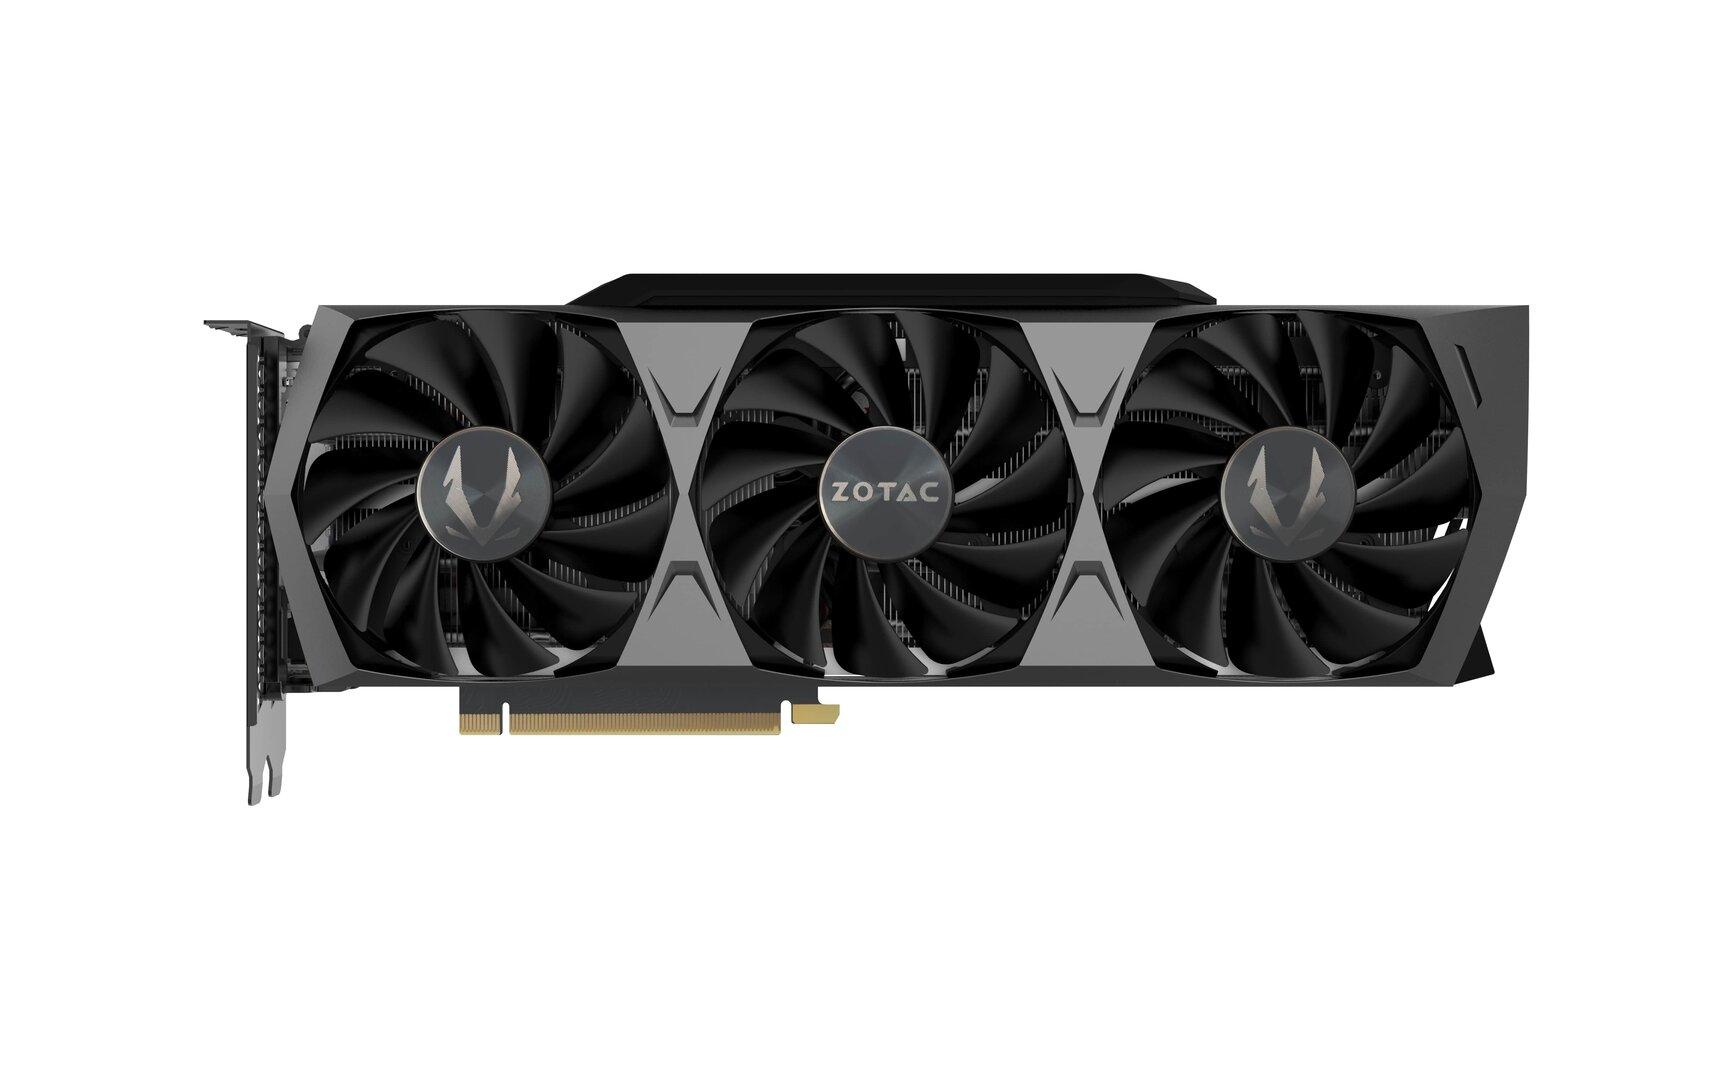 Die GeForce RTX 3090 Trinity von Zotac